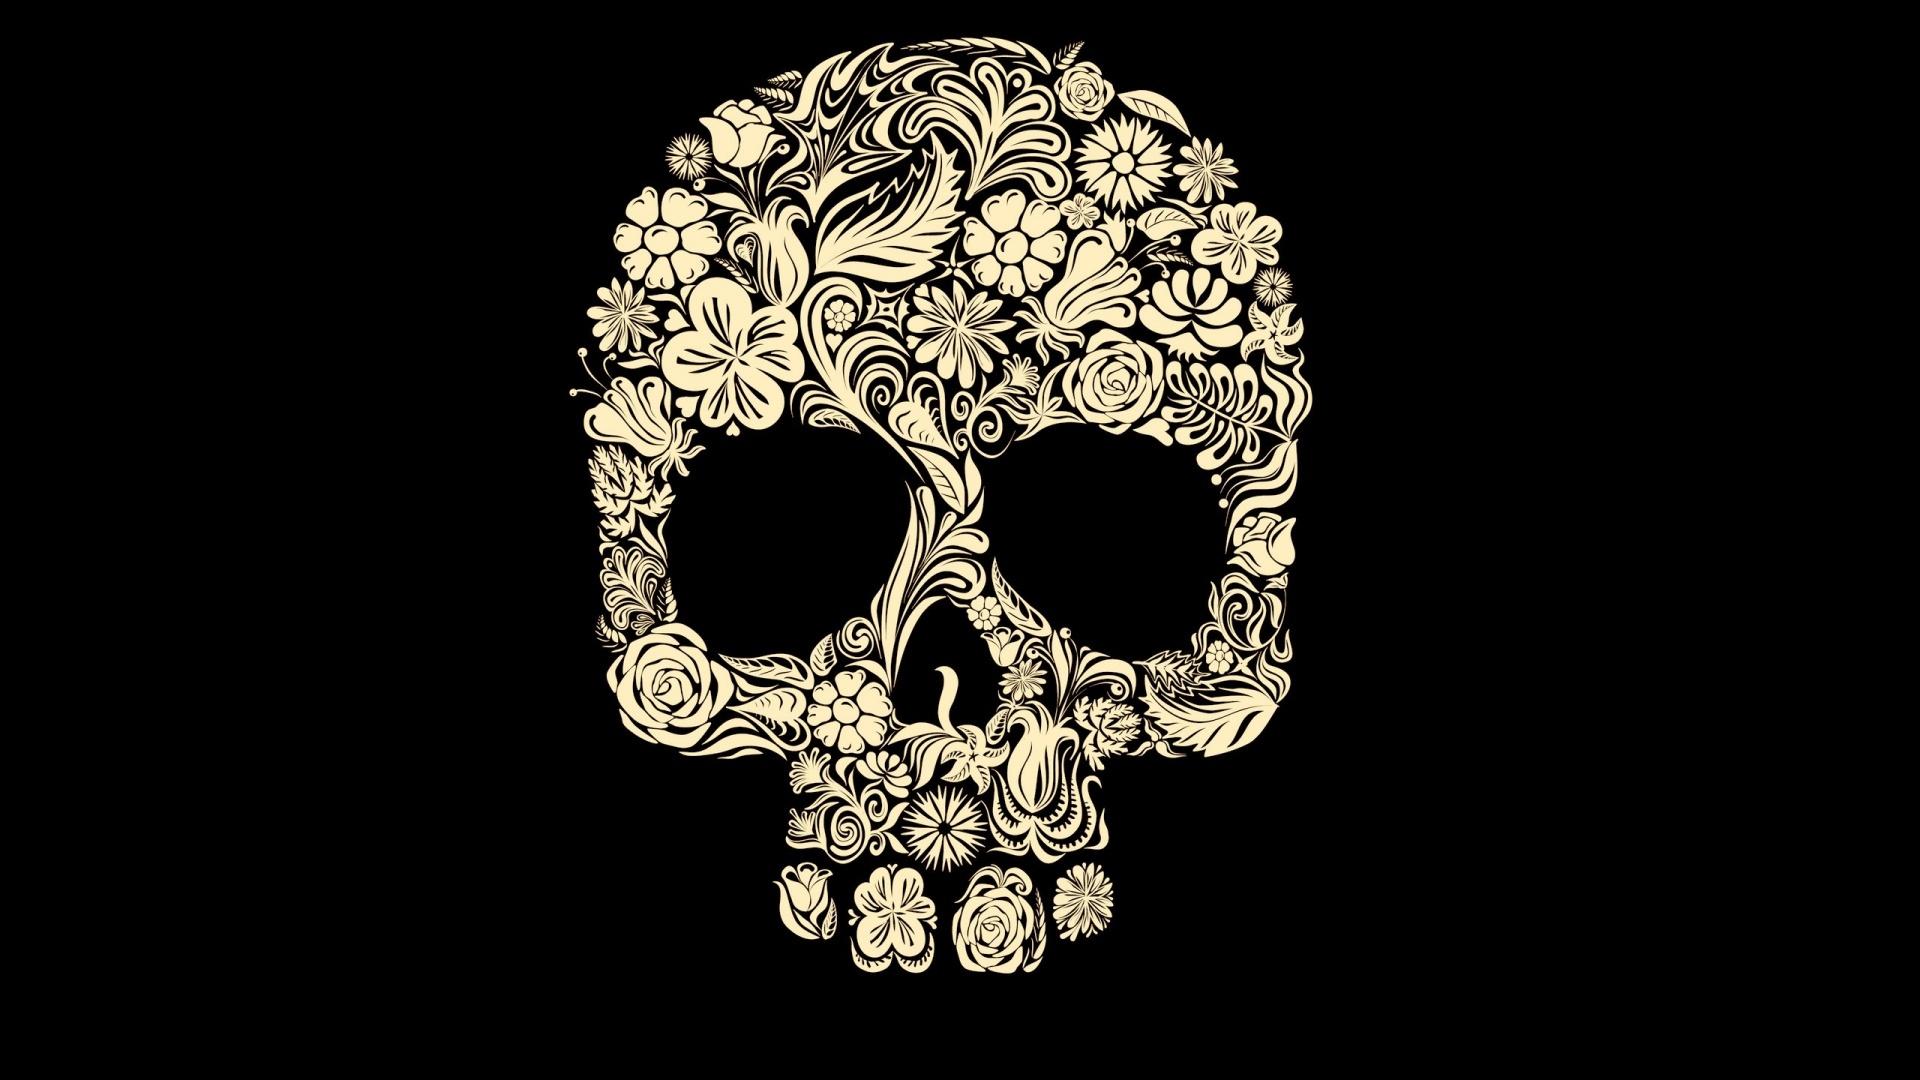 17658 Заставки и Обои Смерть на телефон. Скачать Смерть, Фон, Узоры картинки бесплатно